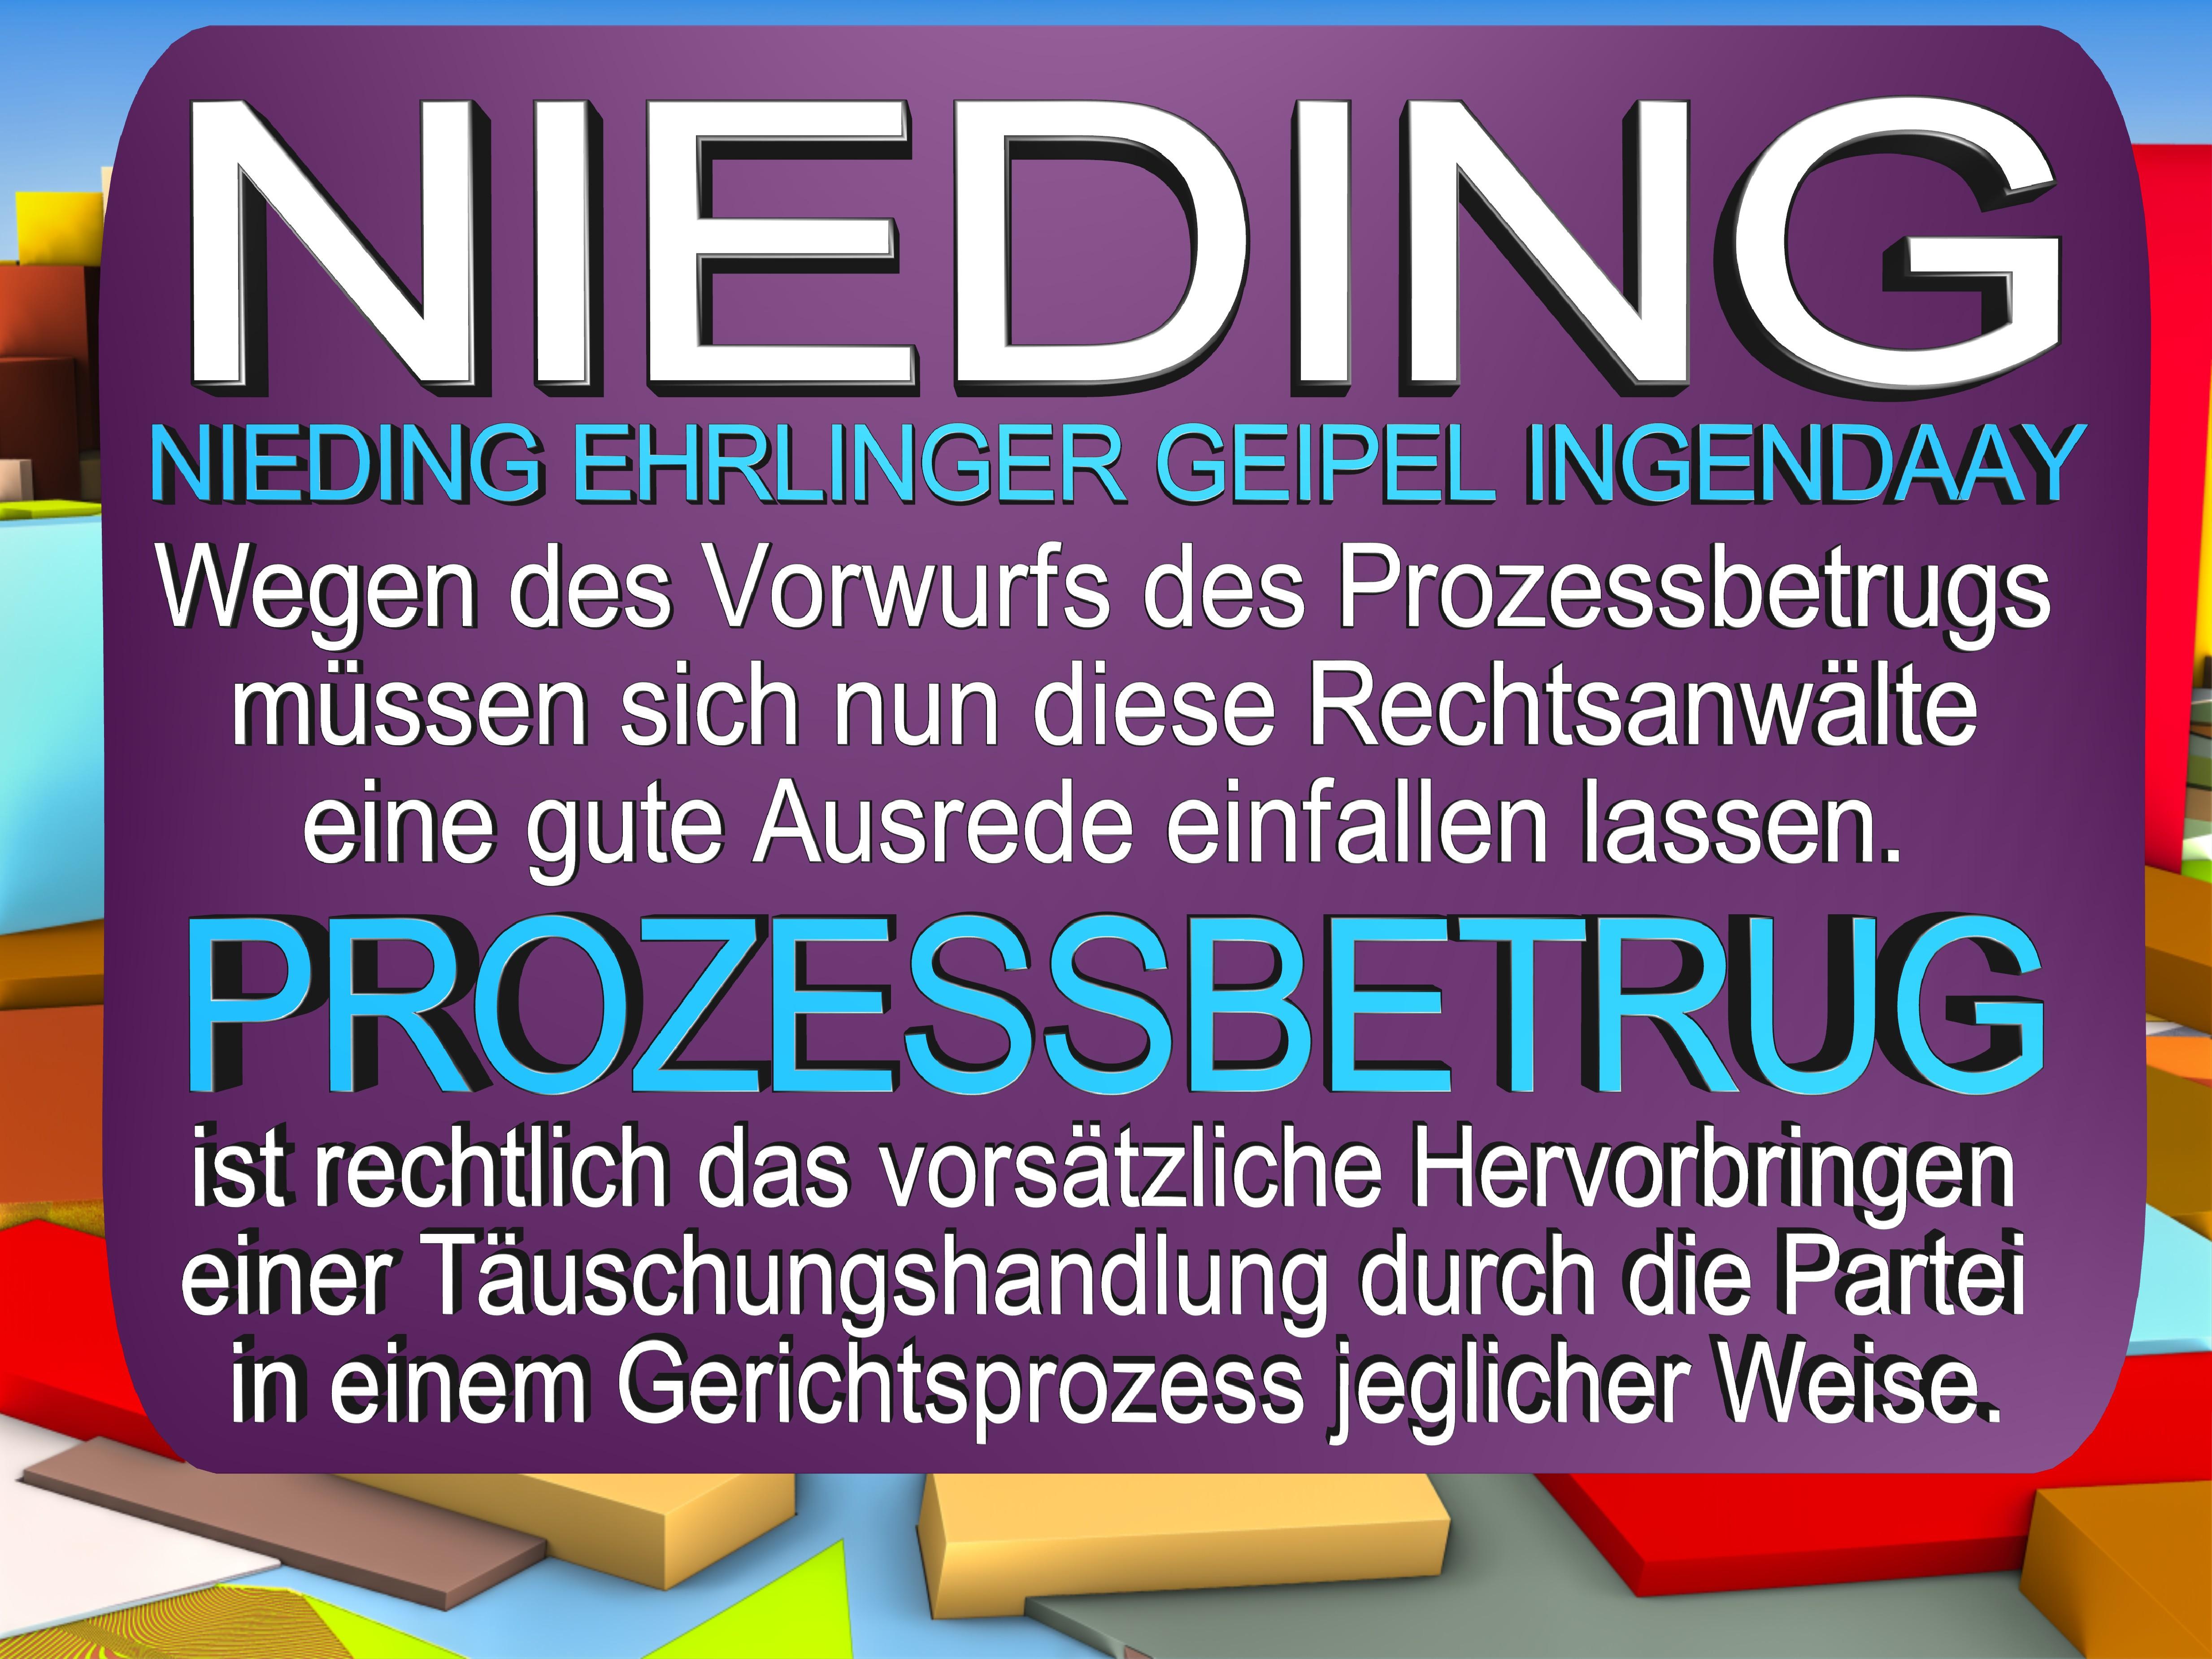 NIEDING EHRLINGER GEIPEL INGENDAAY LELKE Kurfürstendamm 66 Berlin (117)